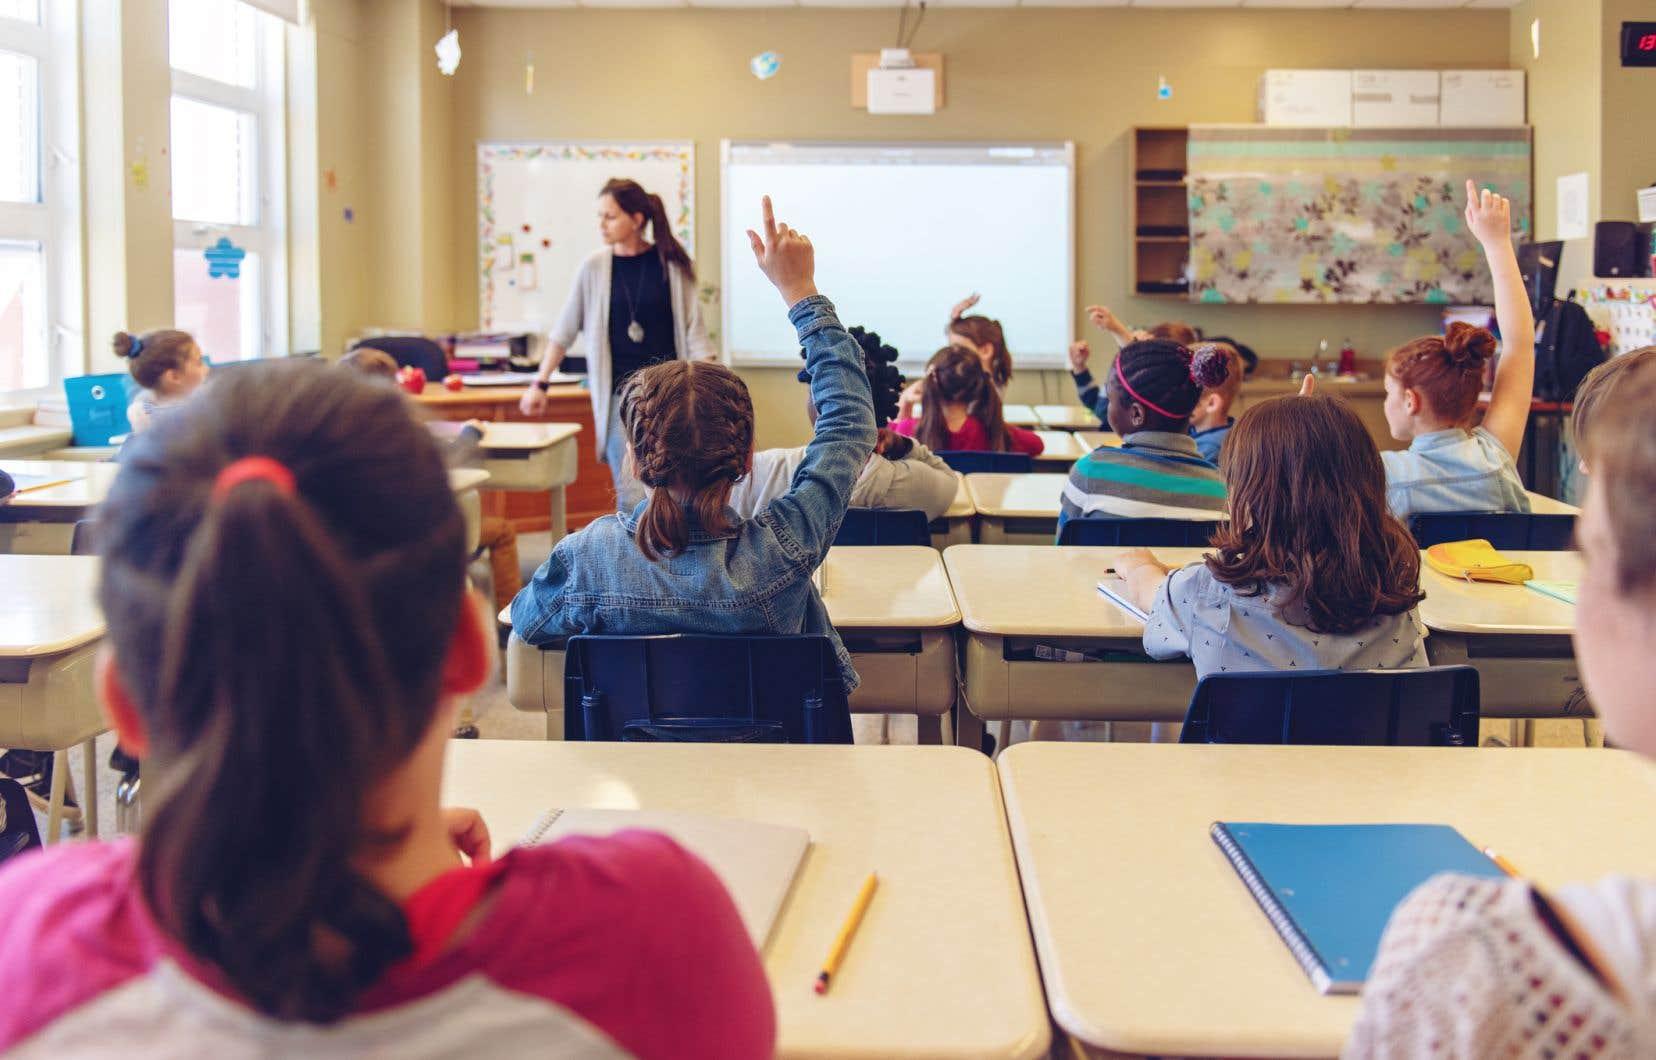 La Commission scolaire English-Montréal (CSEM) a annoncé qu'elle laissera ses enseignants porter un signe religieux s'ils le désirent, comme à l'heure actuelle.